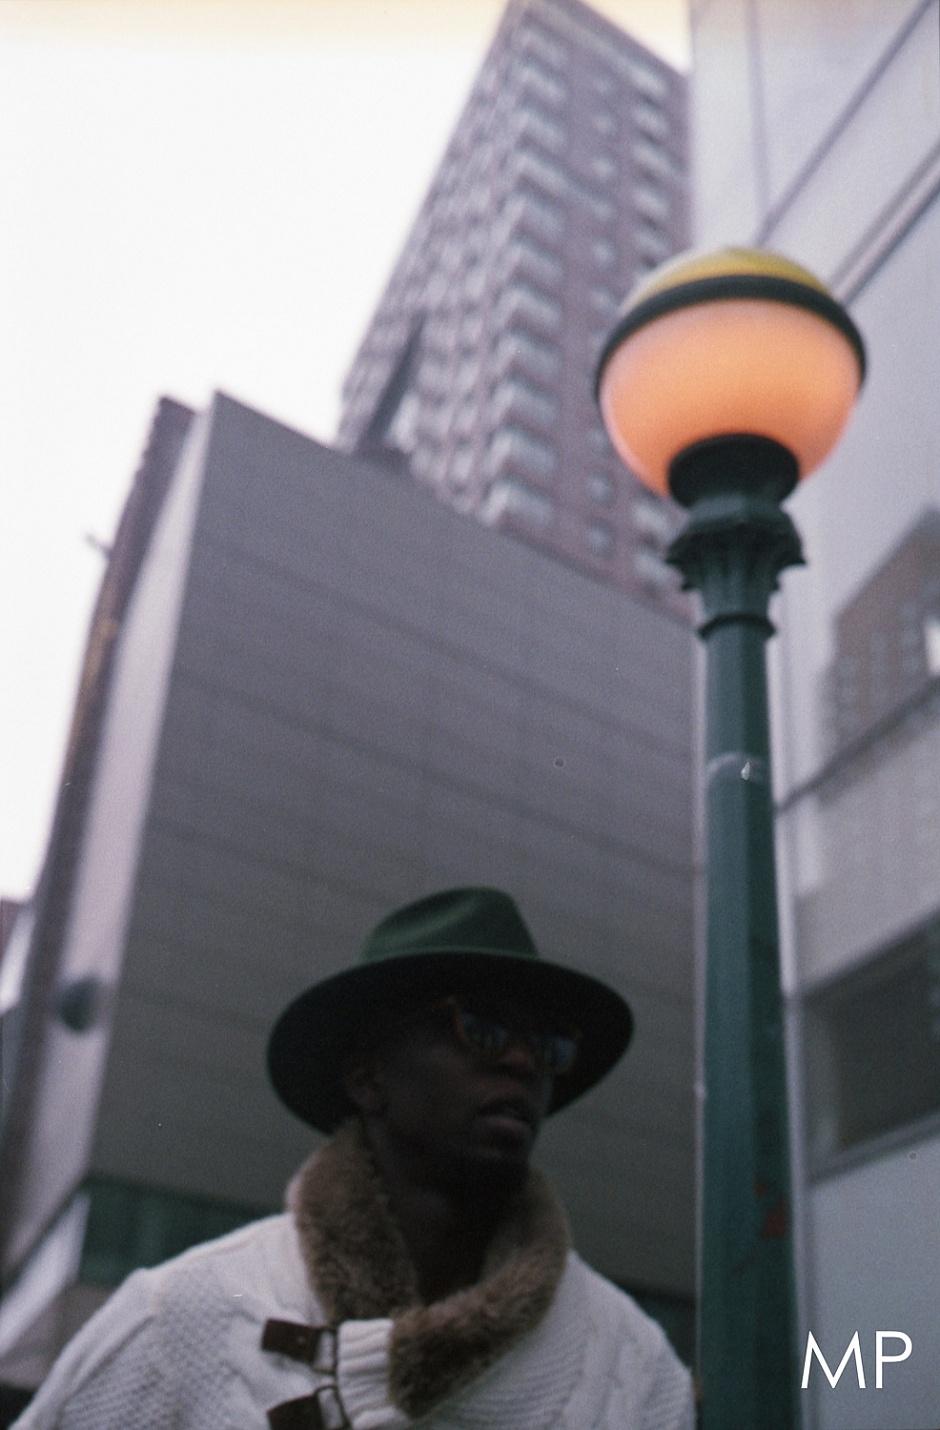 MATT_PHIPPS_STREET_PHOTOGRAPHY_8